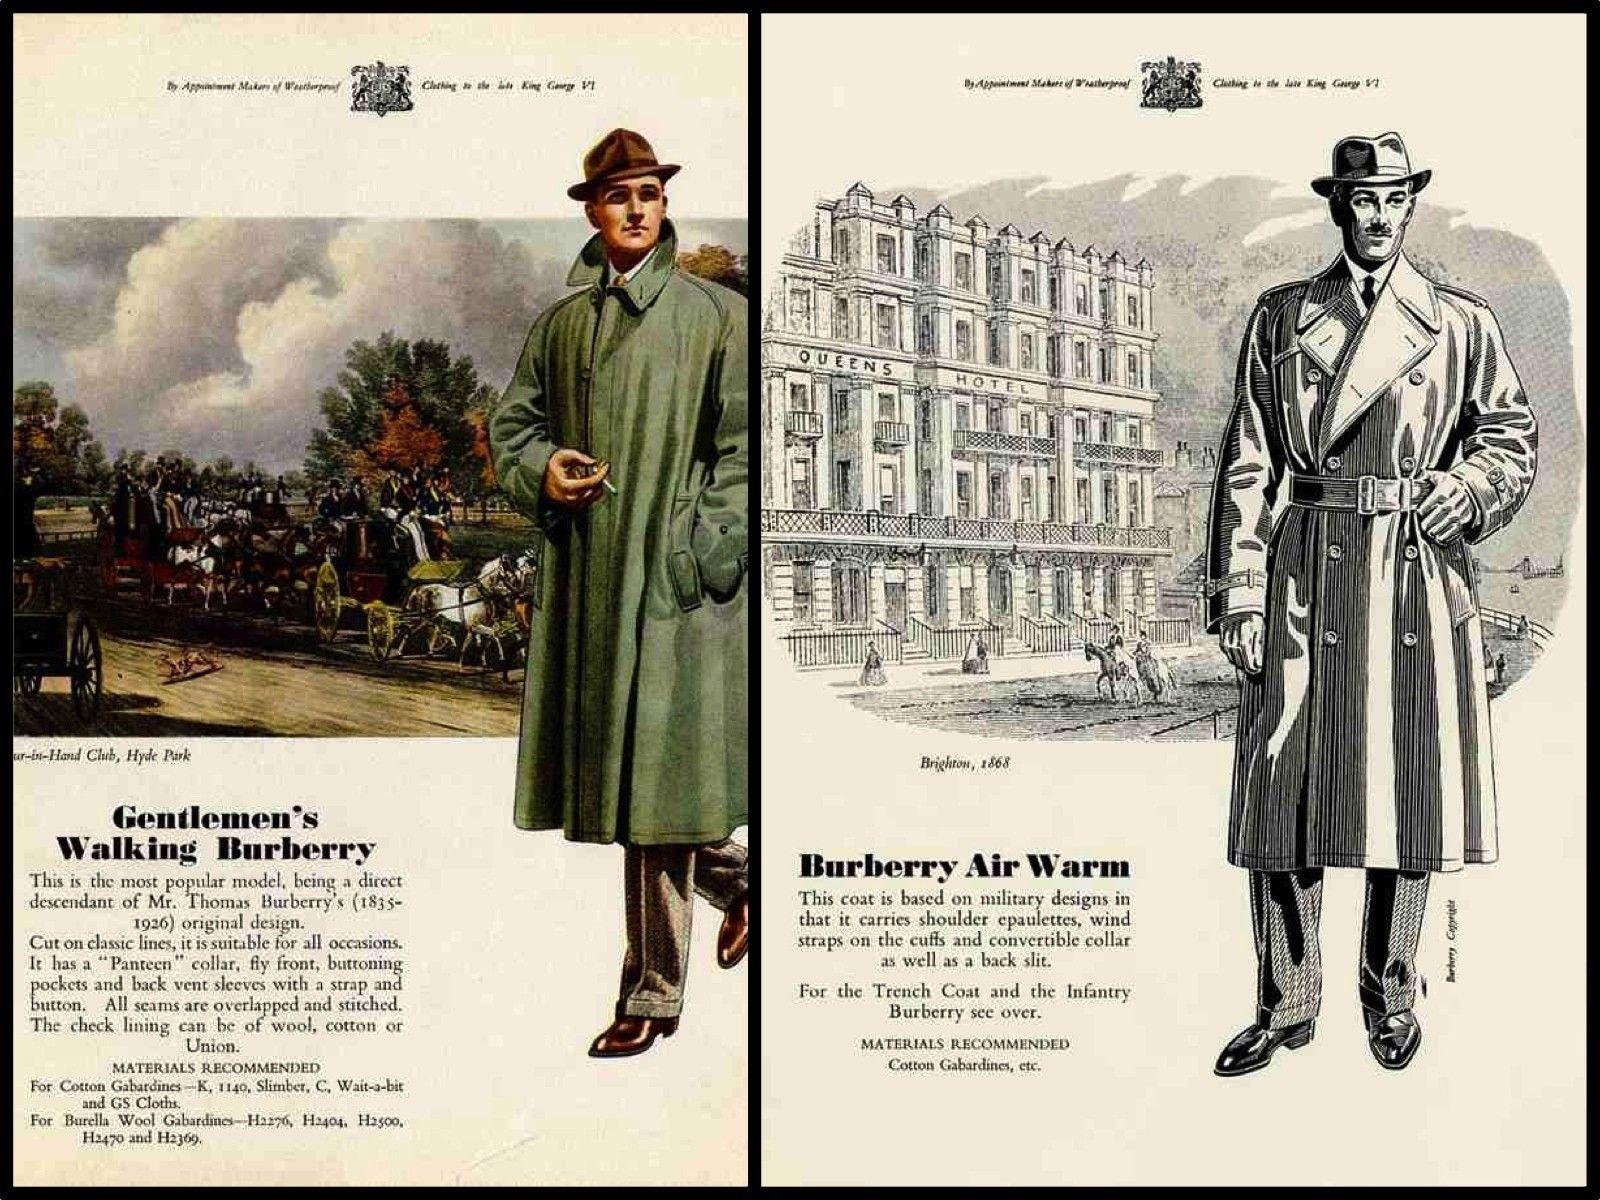 Тренчкот Берберри во время Первая Мировой войны